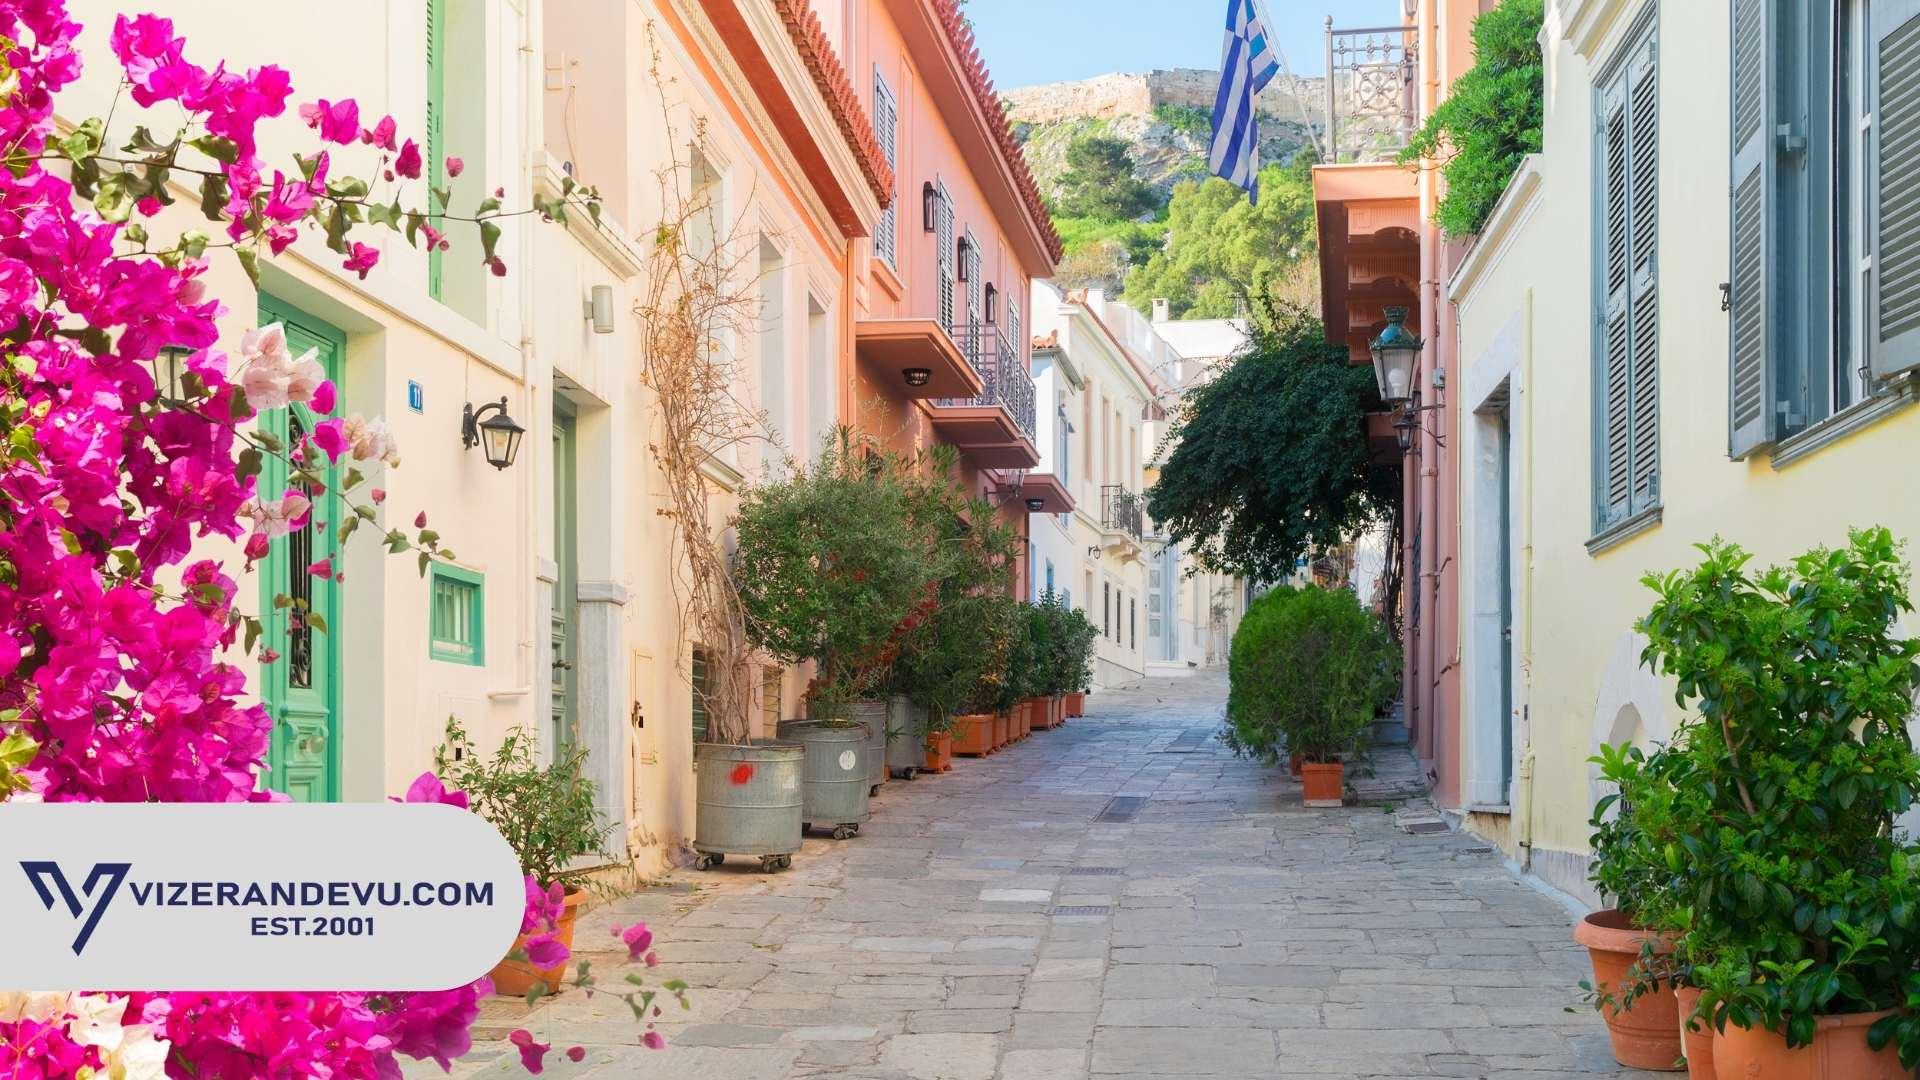 Yunanistan Vizesi İçin Ne Zaman Başvuru Yapmalıyım